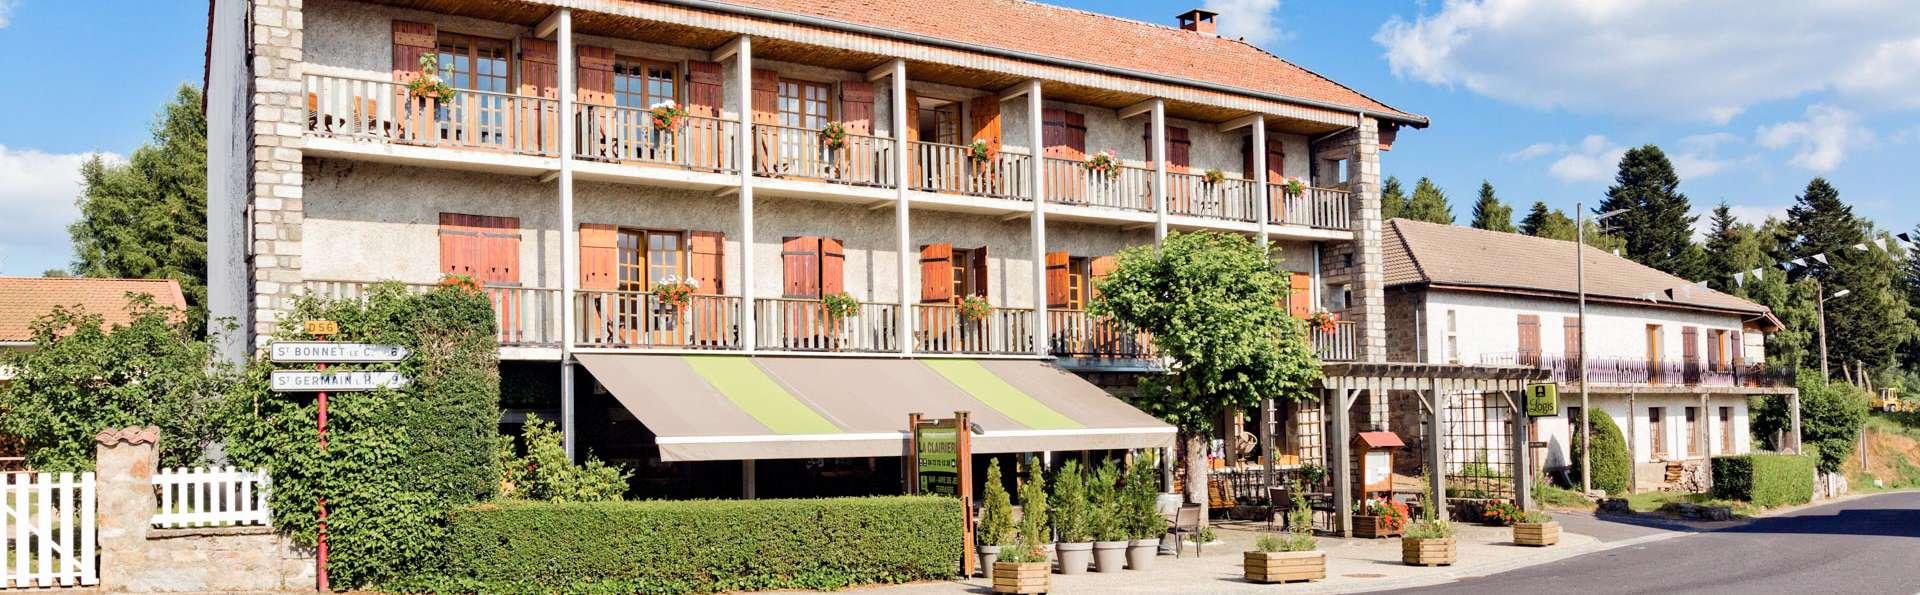 Hôtel La Clairière - EDIT_FRONT_06.jpg